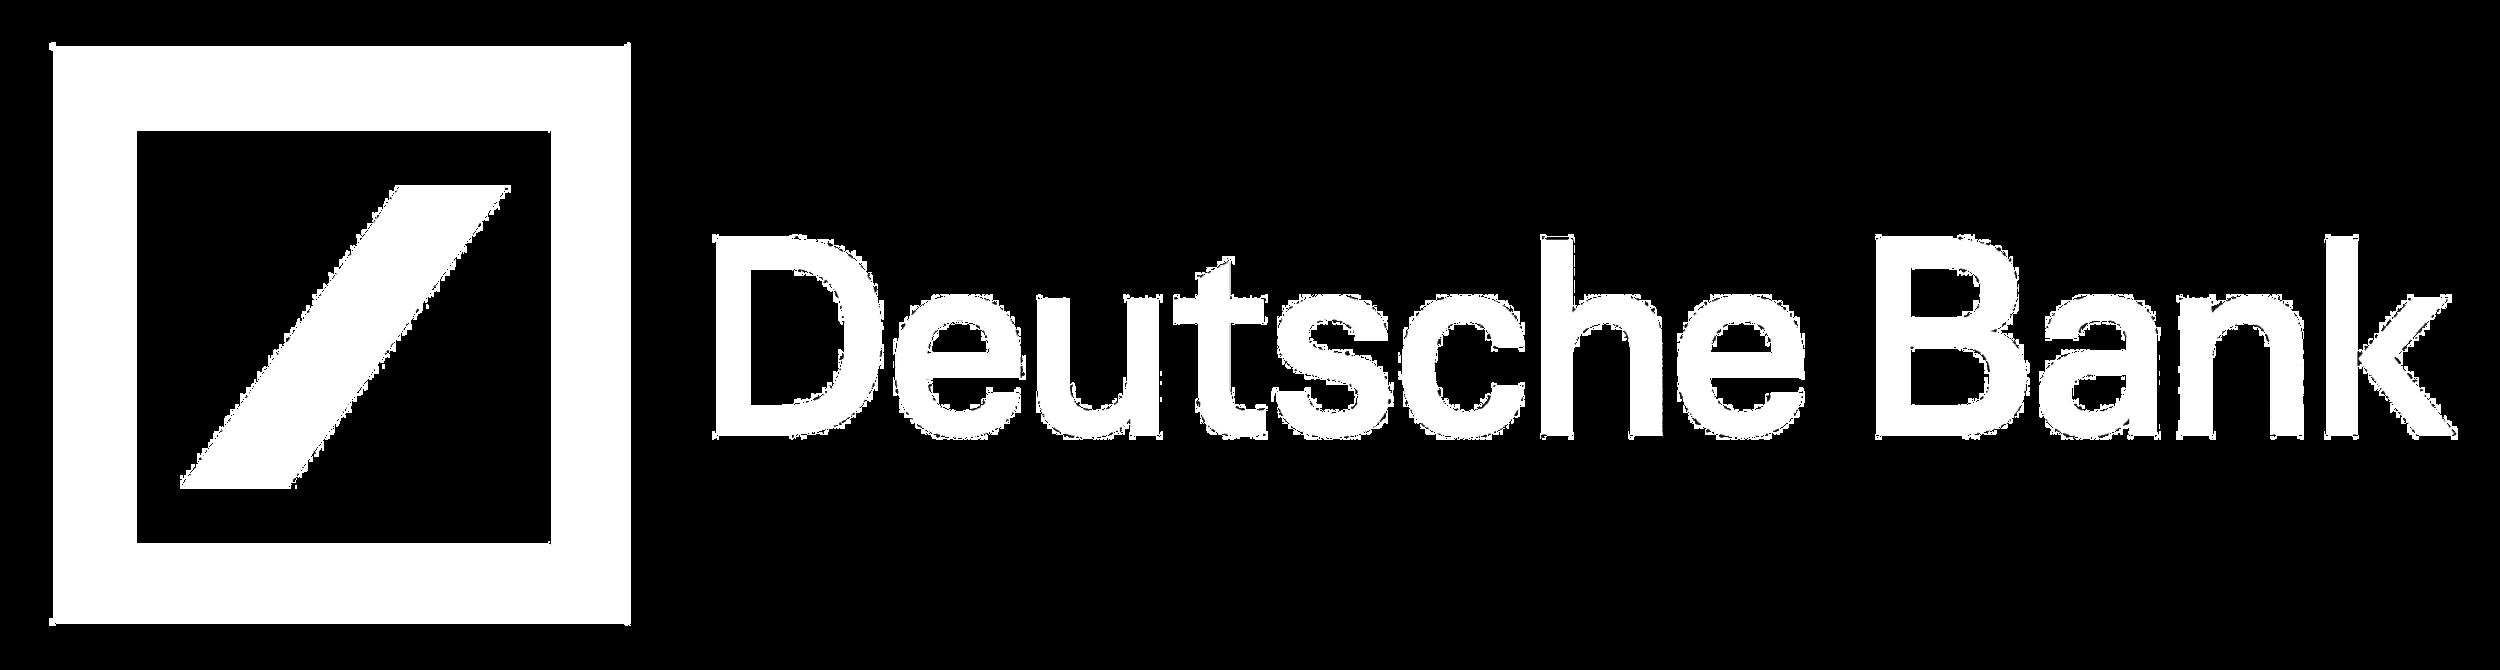 Deutsche-Bank-B_W.png